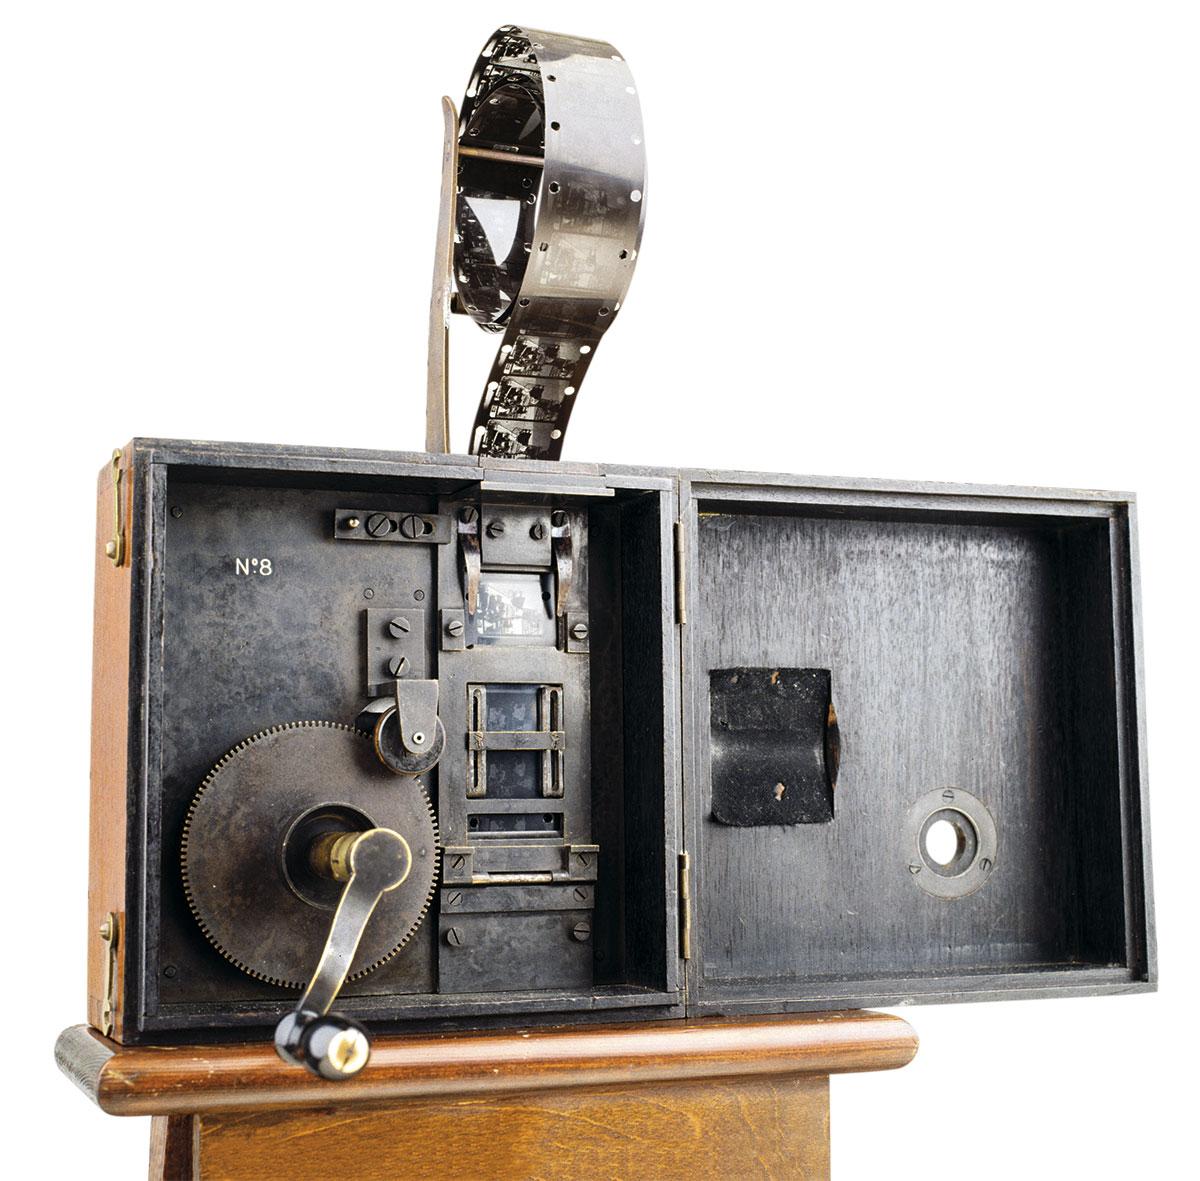 lumieres-cinematografo. Cinematógrafo inventado por los hermanos Lumière, 1895